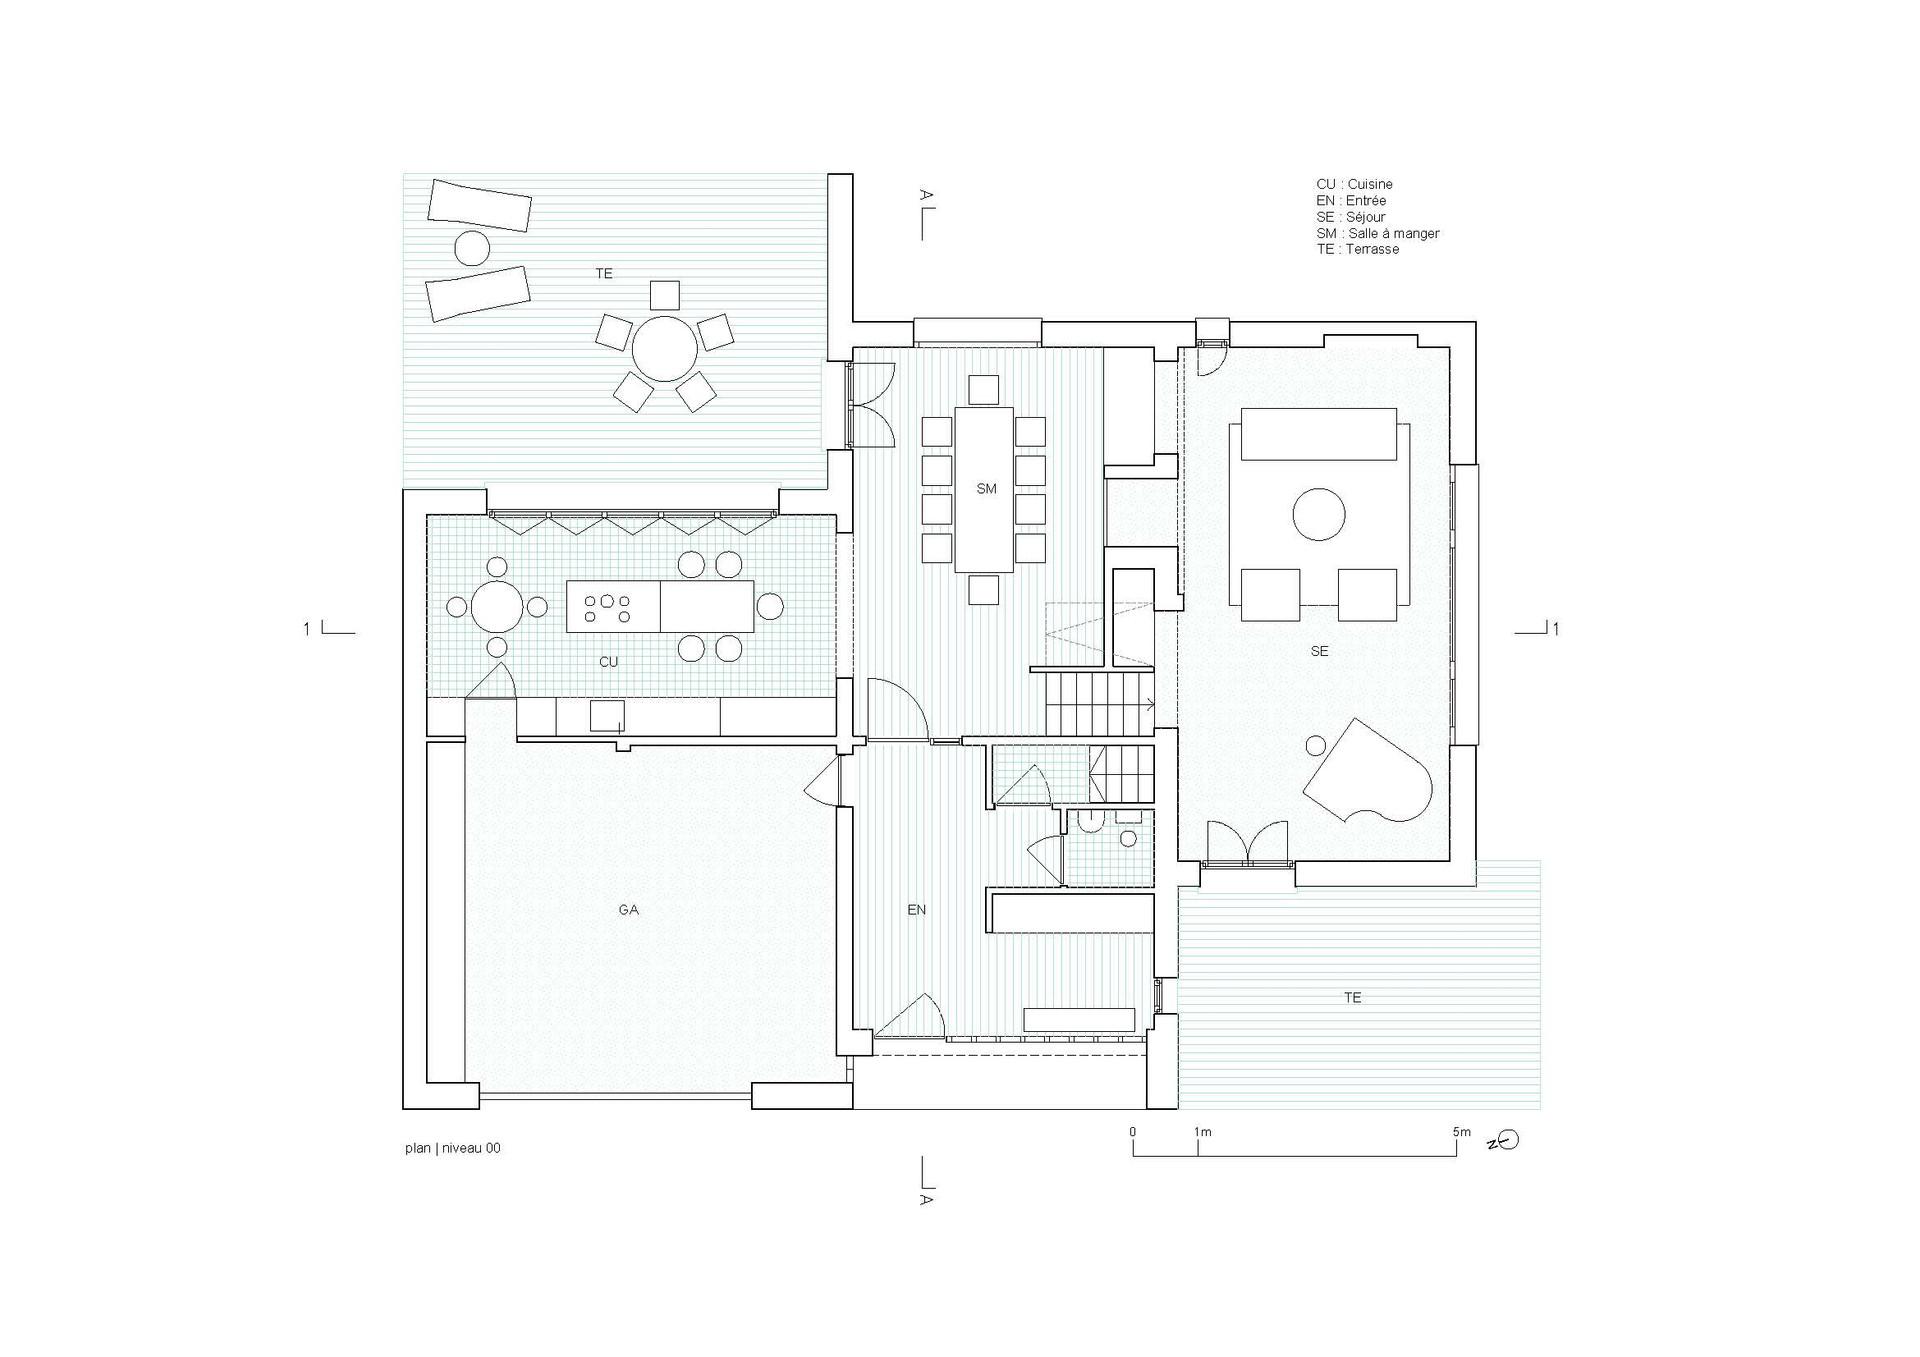 plan | niveau 00